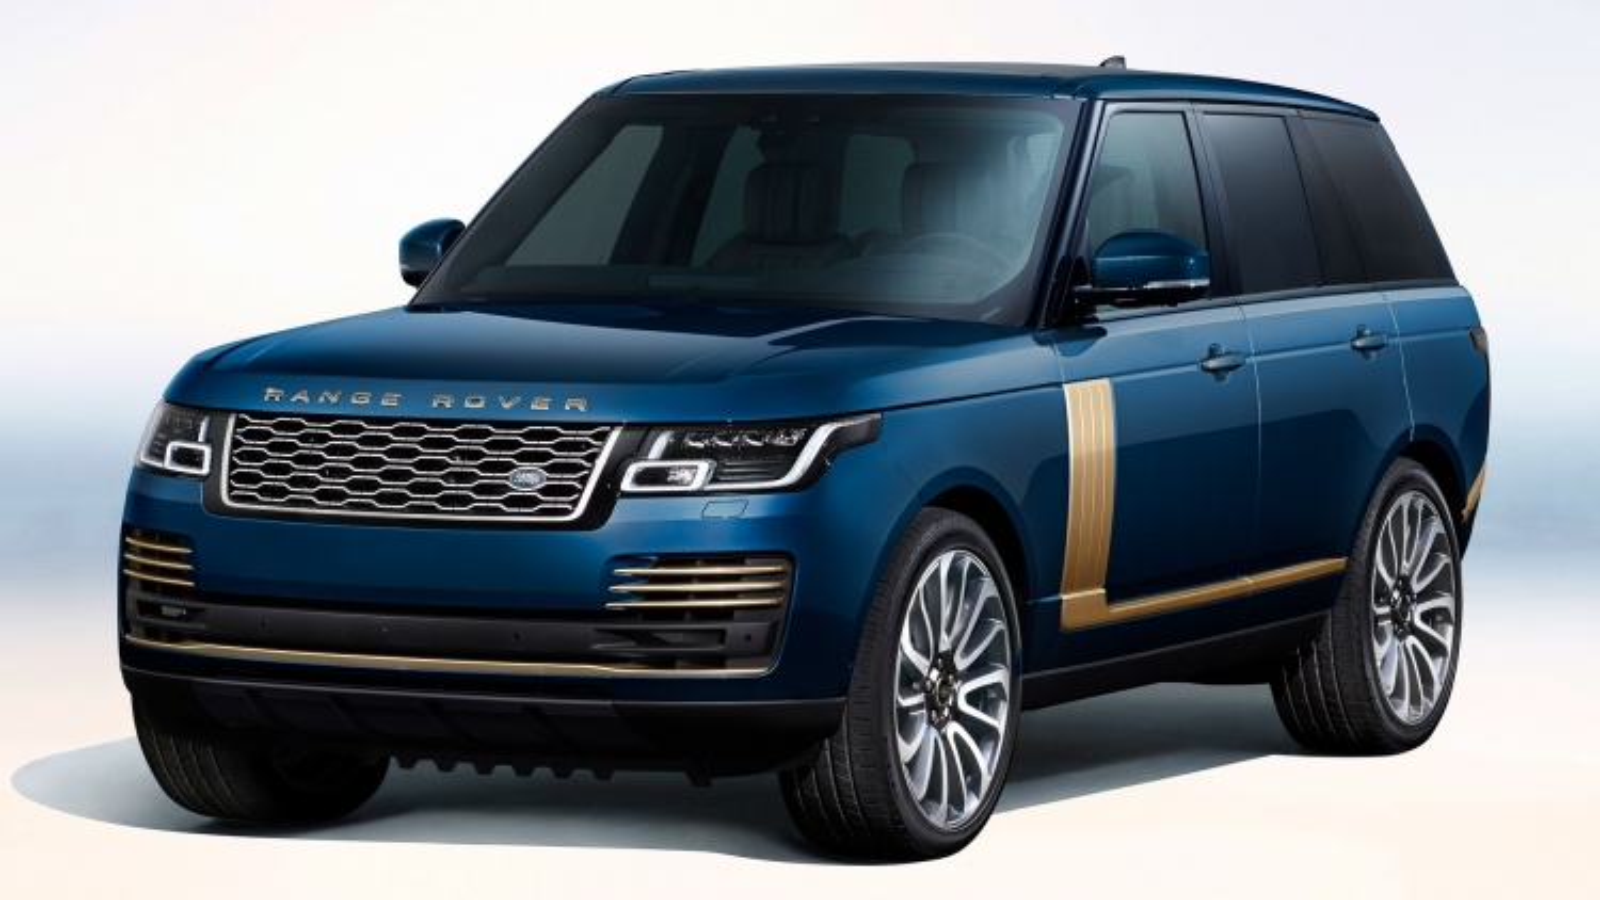 Range Rover SV có thêm bản đặc biệt Golden Edition dành riêng cho thị trường Nhật Bản